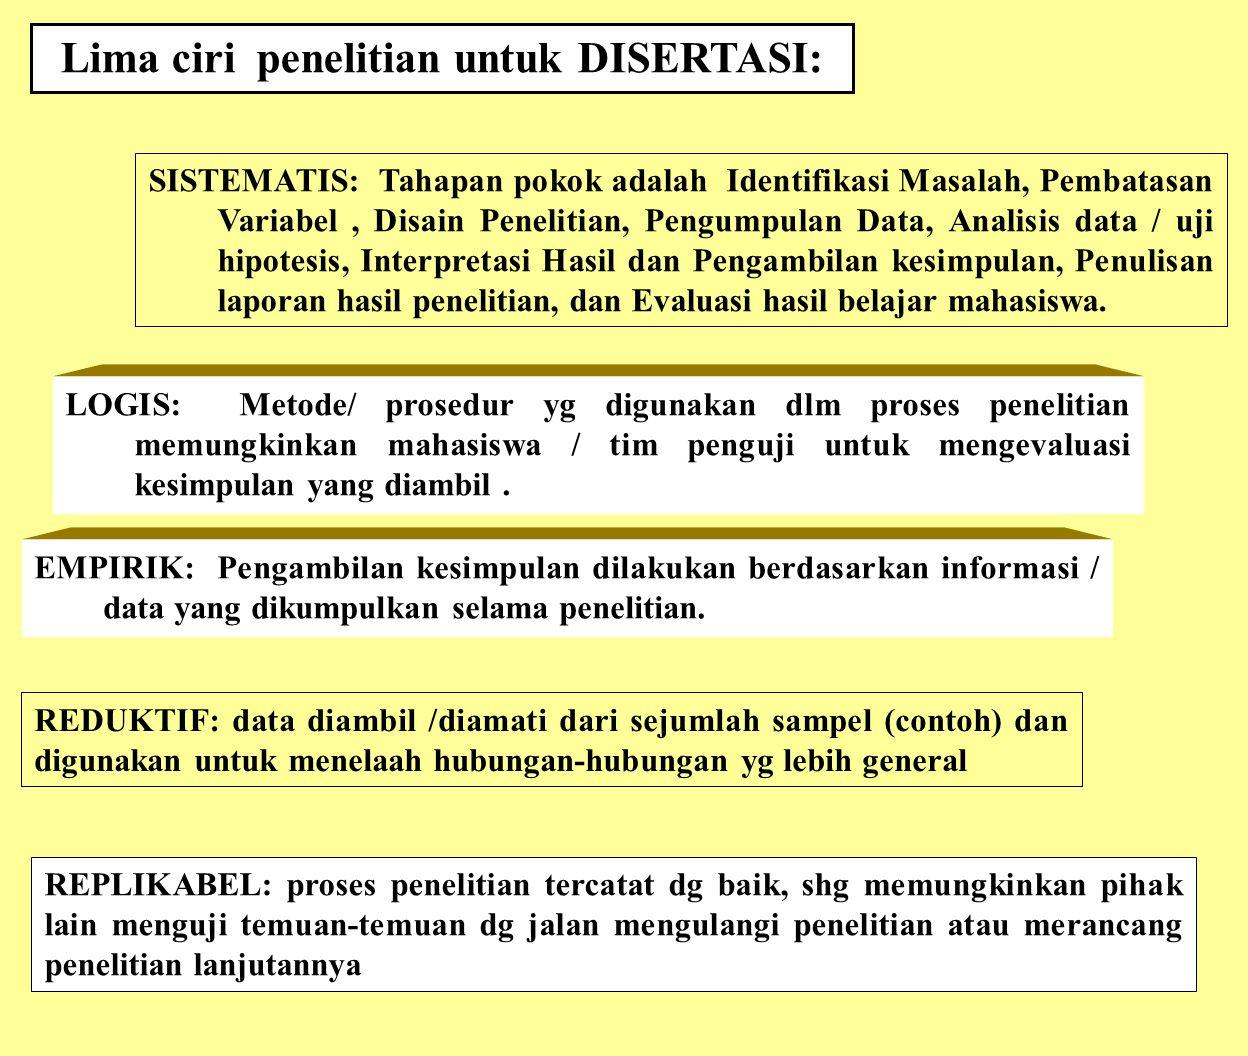 SISTEMATIS: Tahapan pokok adalah Identifikasi Masalah, Pembatasan Variabel, Disain Penelitian, Pengumpulan Data, Analisis data / uji hipotesis, Interp